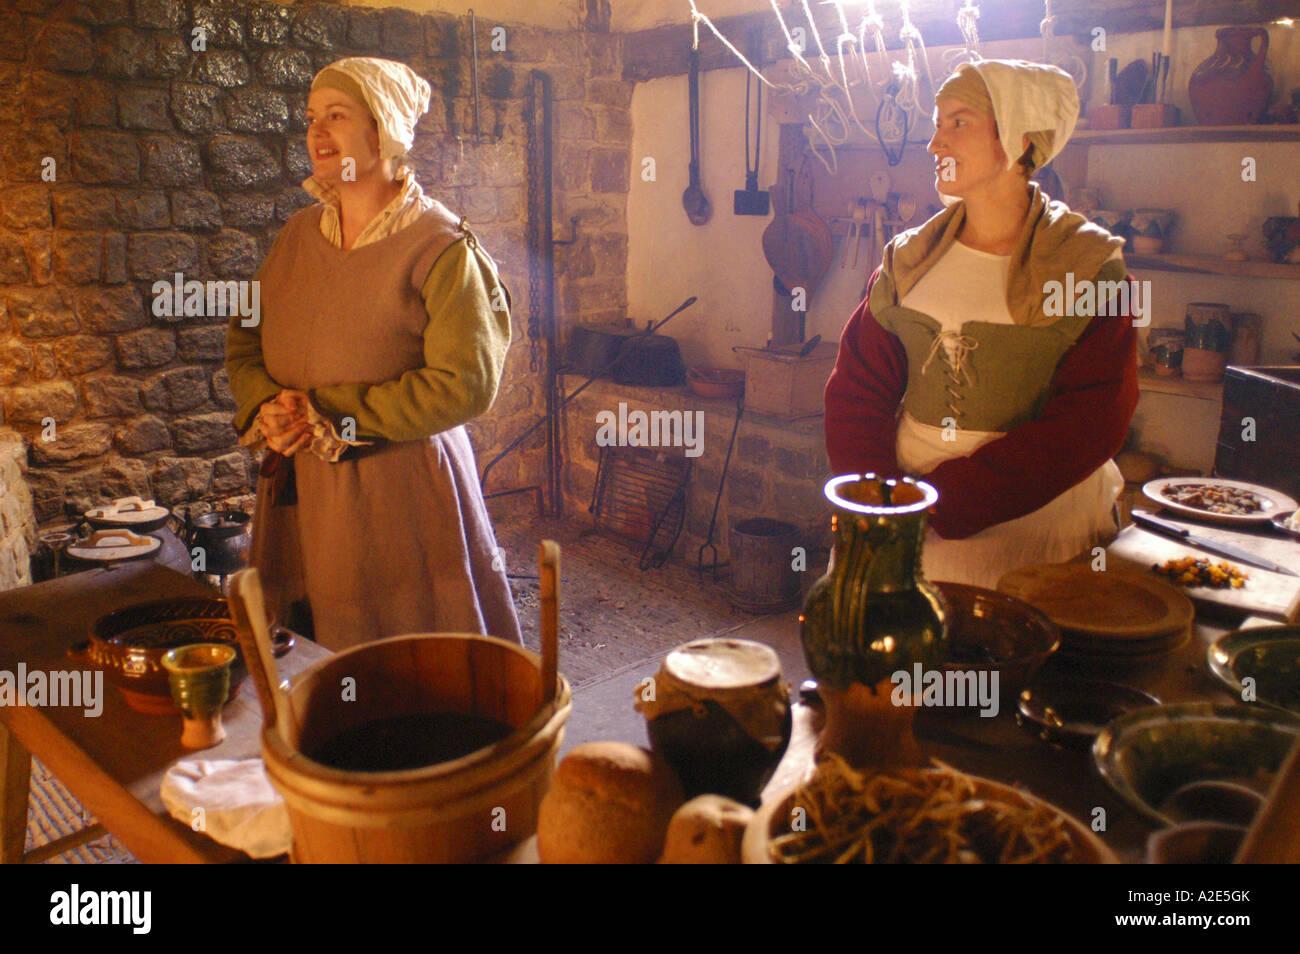 Re die mittelalterlichen Lebensart auf dem Weald & Downland Museum Singleton West Sussex England Bild von Andrew Stockbild